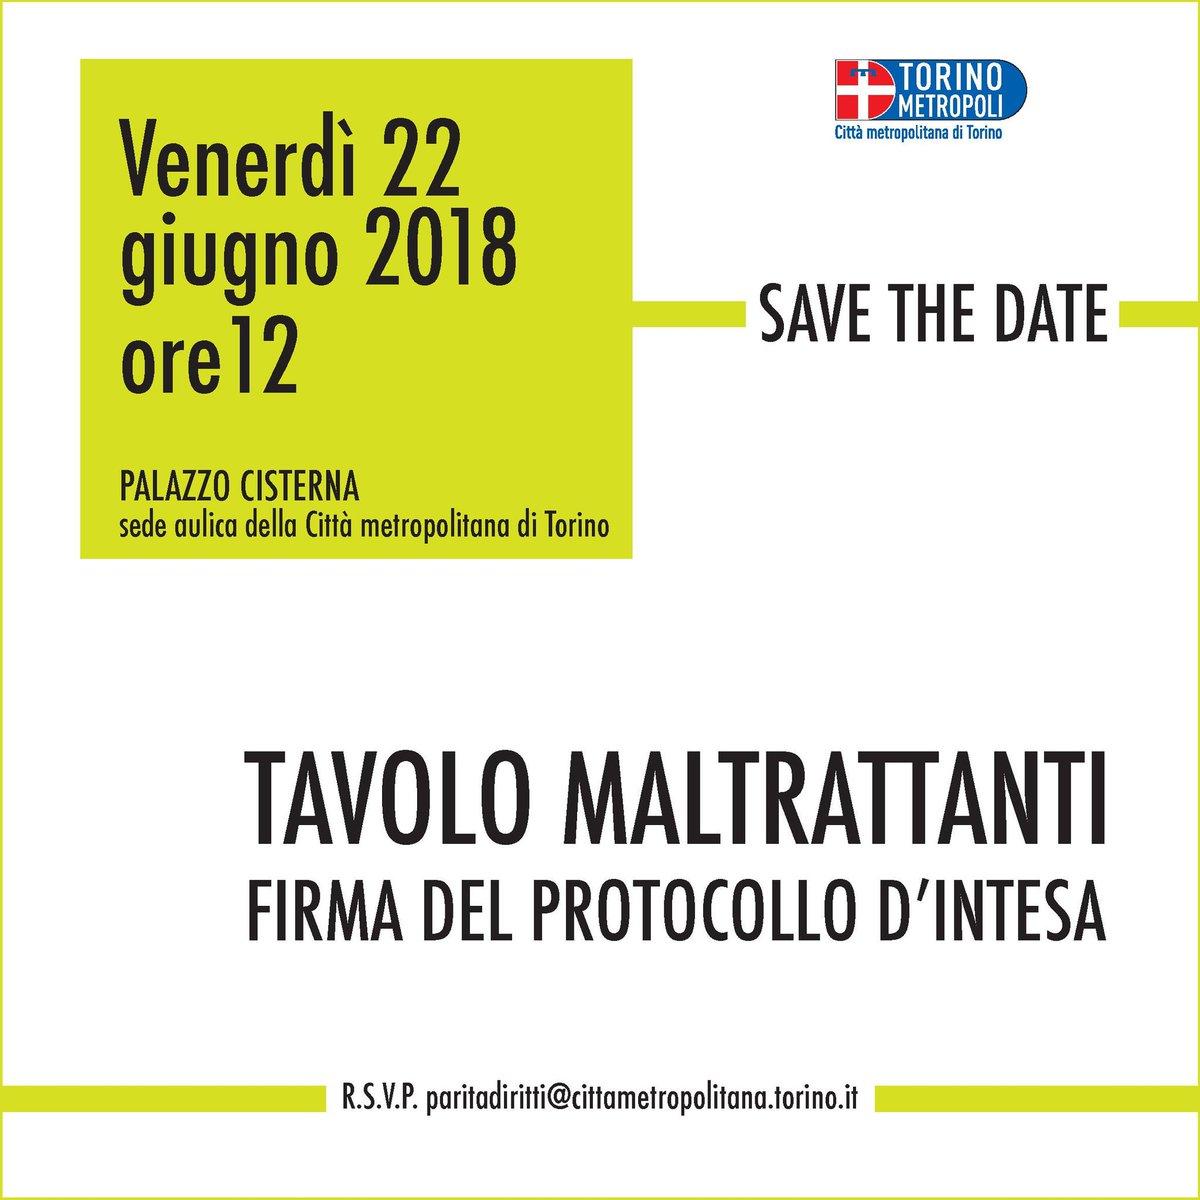 #22Giugno #Torino sede di @CittaMetroTO si firma #protocollo tavolo rivolto a #maltrattanti contro #violenza sulle #donne @CossuSilvia @twitorino @crpiemonte #consultafemminile #associazioni #Comuni  - Ukustom